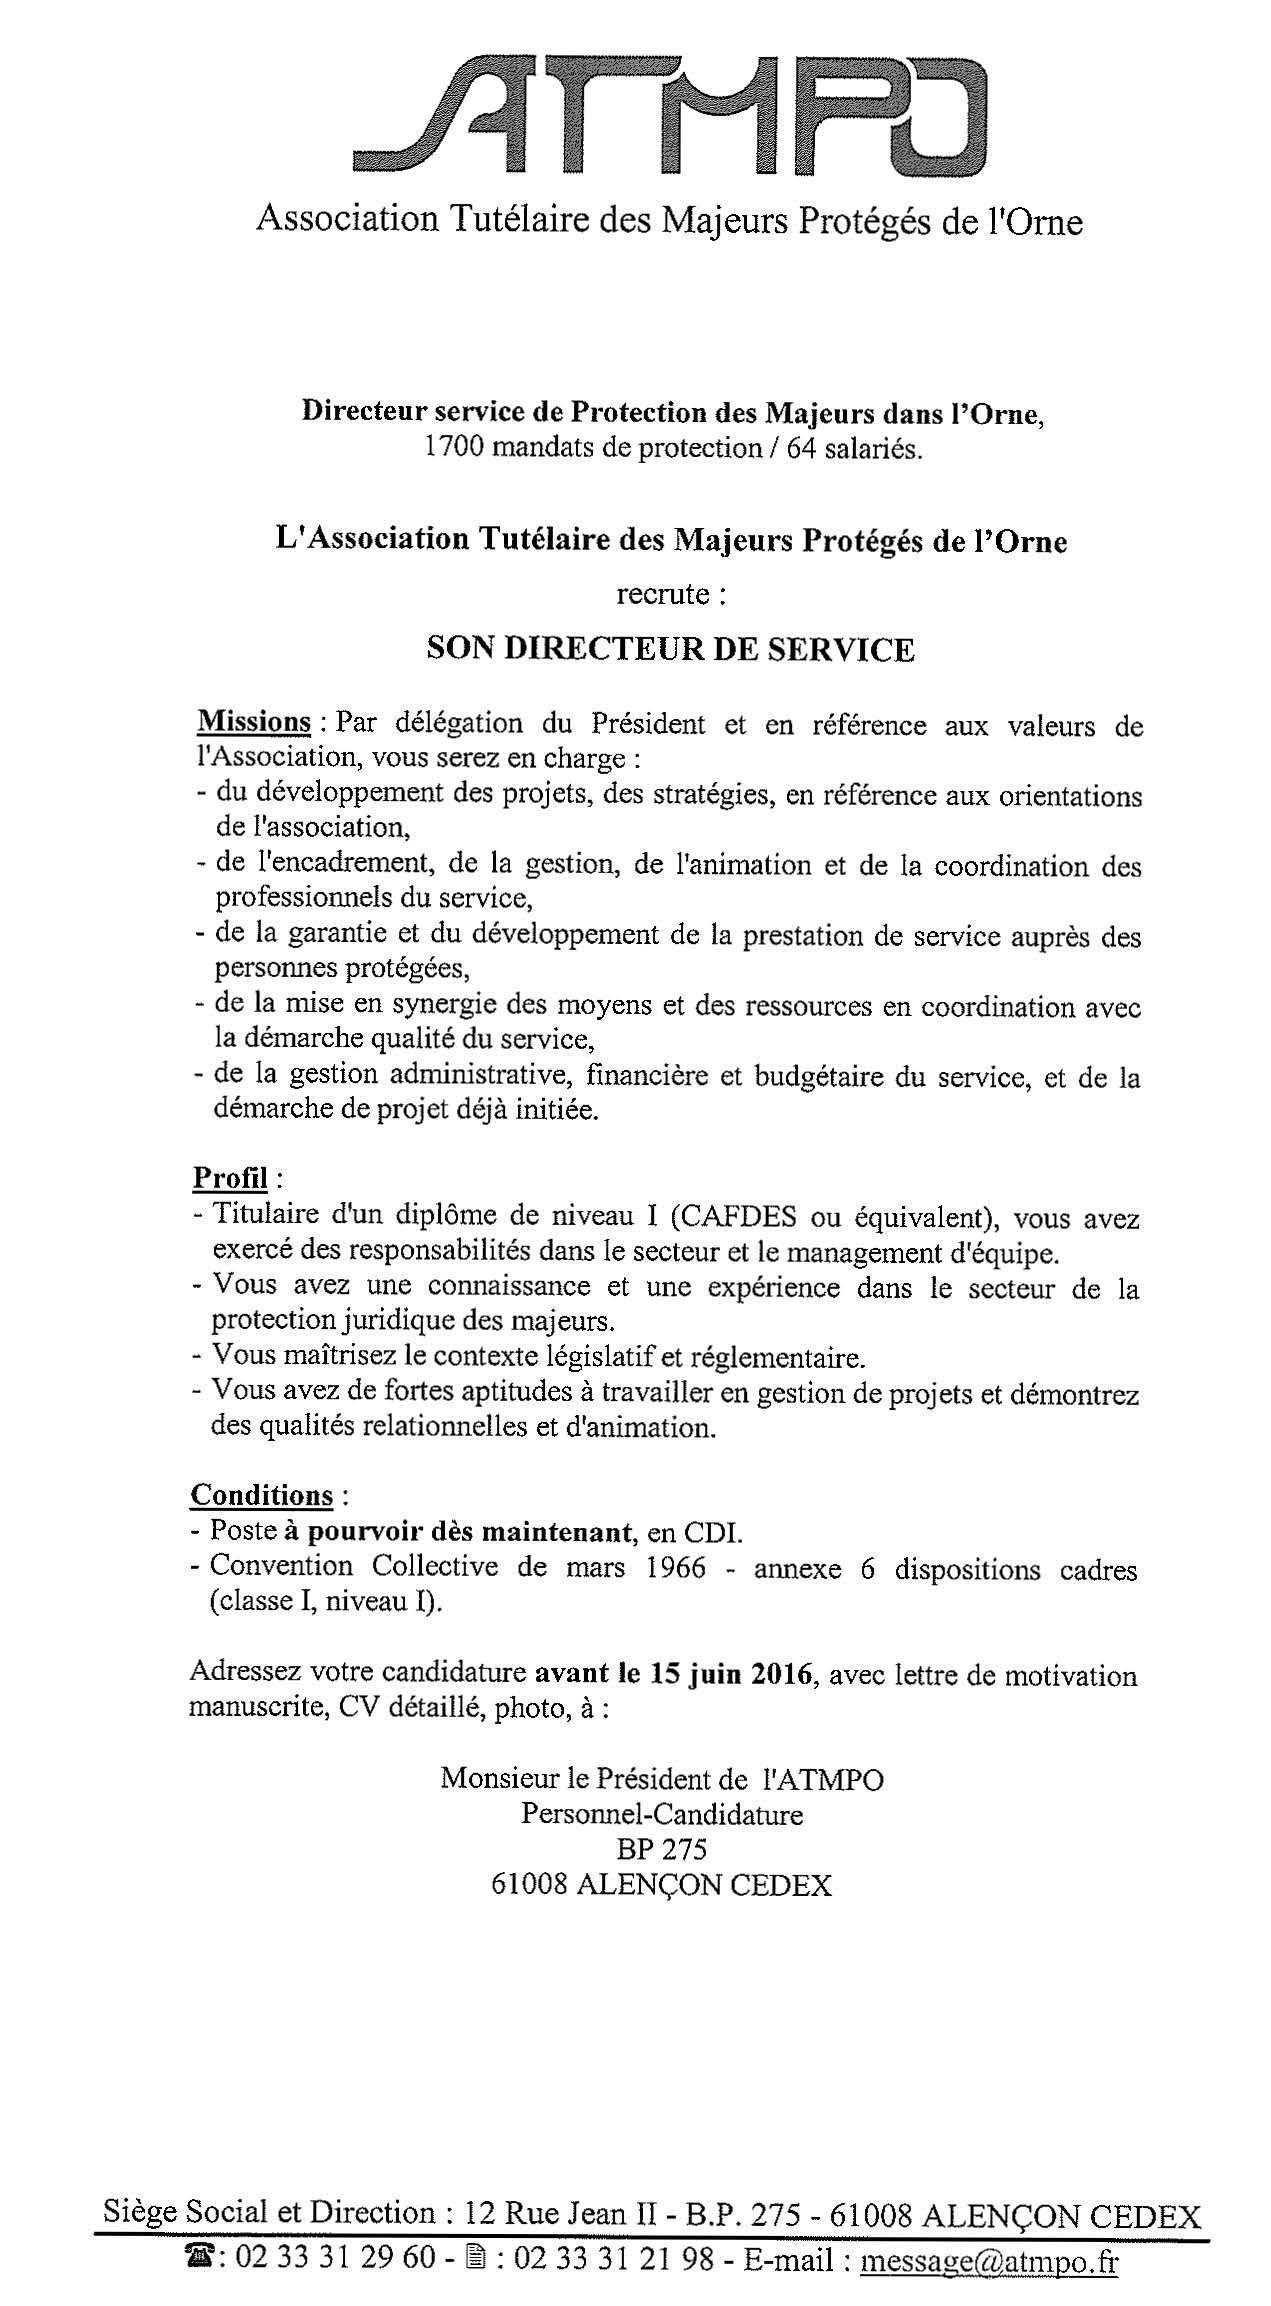 Association Tutelaire Des Majeurs Proteges De L Orne Directeur Service De Protection Des Majeurs Da Exemple Cv Exemple Cv Word Exemple De Lettre De Motivation